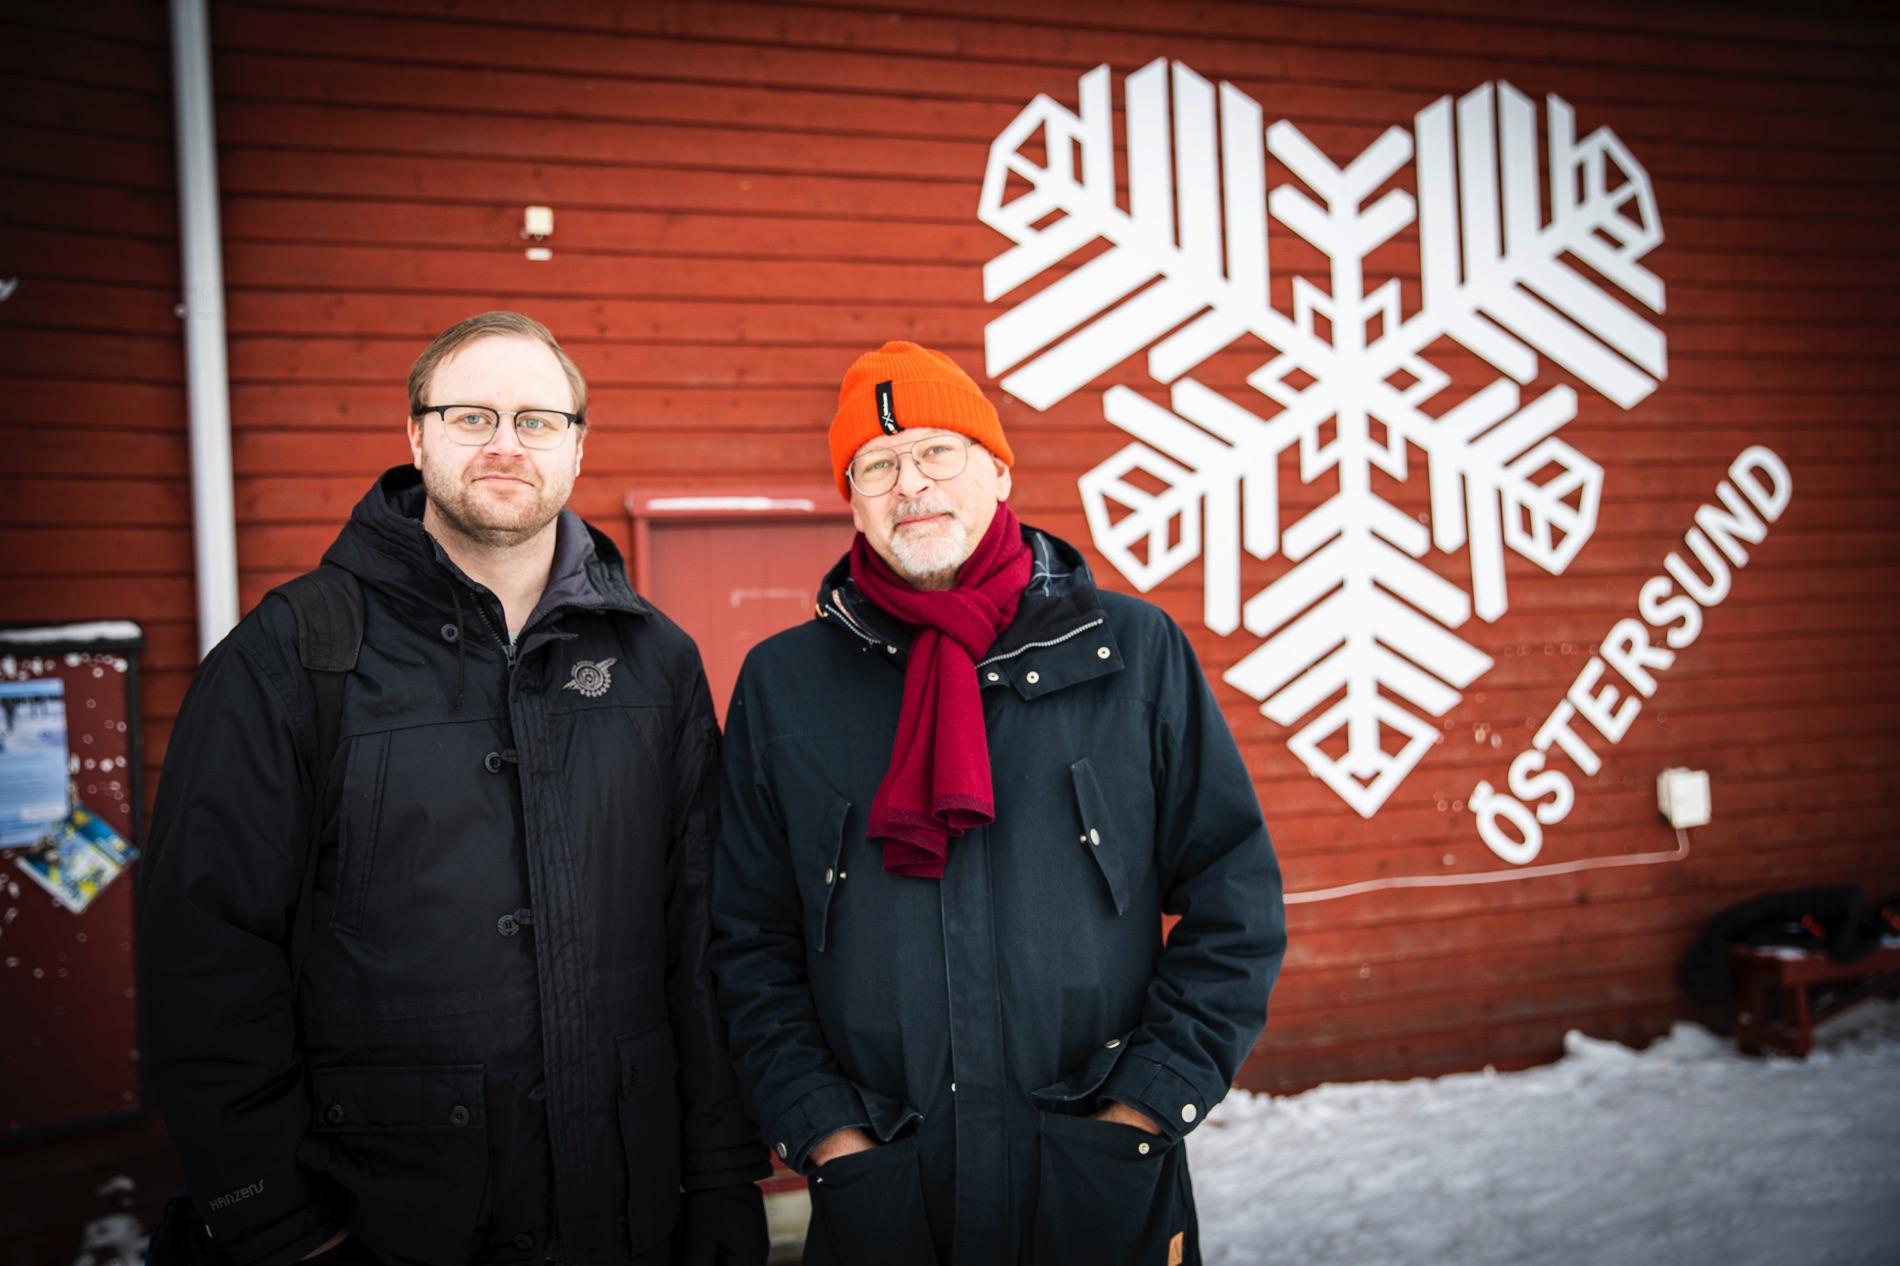 """Hälsokontrollerna Healthy Athletes erbjuds inte bara tävlande i Special Olympics Sweden Invitational Games – utan även ett hundratal LSS-boende i Östersunds-regionen. """"Det känns som en fantastisk möjlighet för oss"""", säger Eric Jirbo, verksamhetsutvecklare på vård- och omsorgsförvaltningen i Östersunds kommun. Här tillsammans med Lars Backus, sektorchef för funktionshinderfrågor på vård- och omsorgsförvaltningen i Östersunds kommun."""